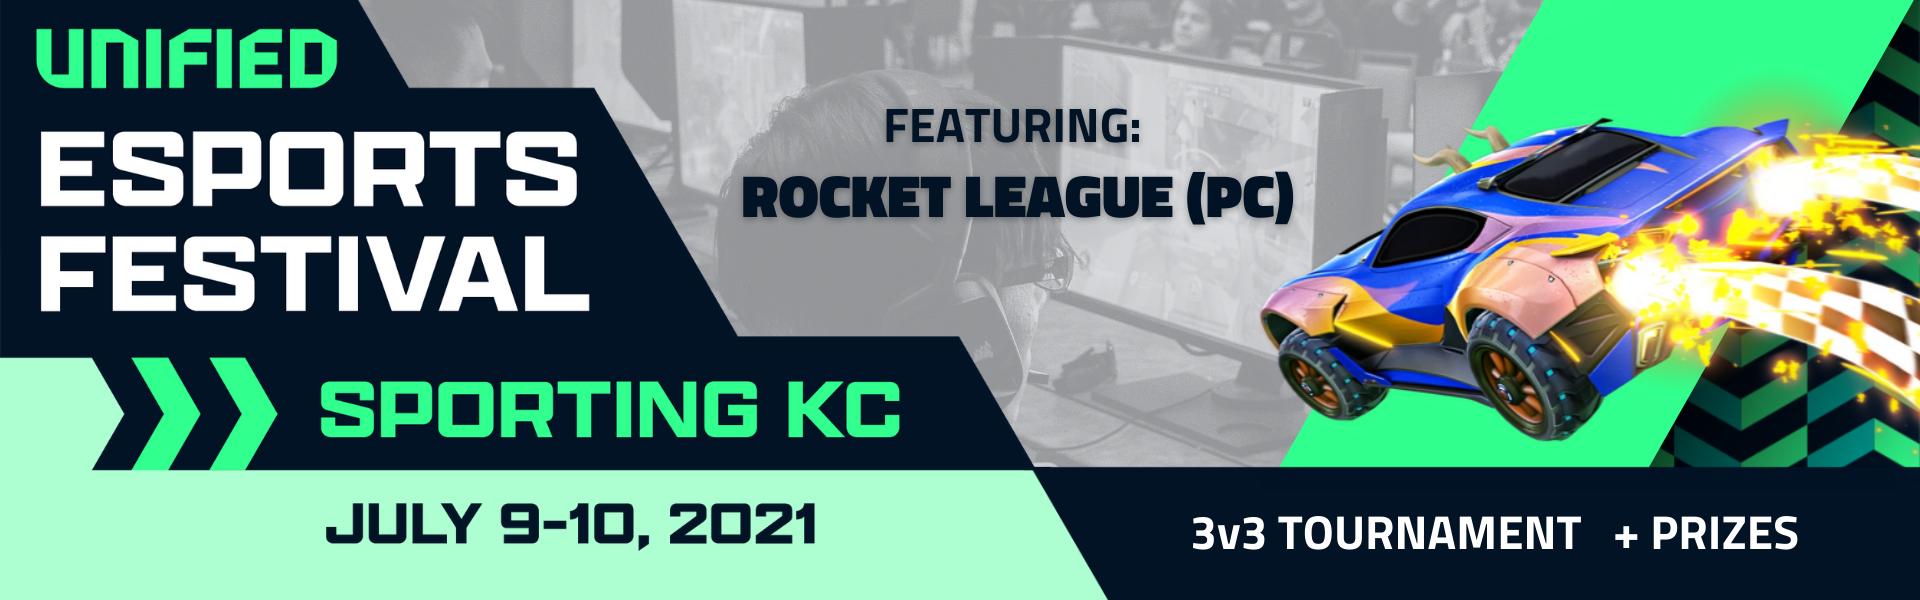 EF:SKC Featuring Rocket League (PC)